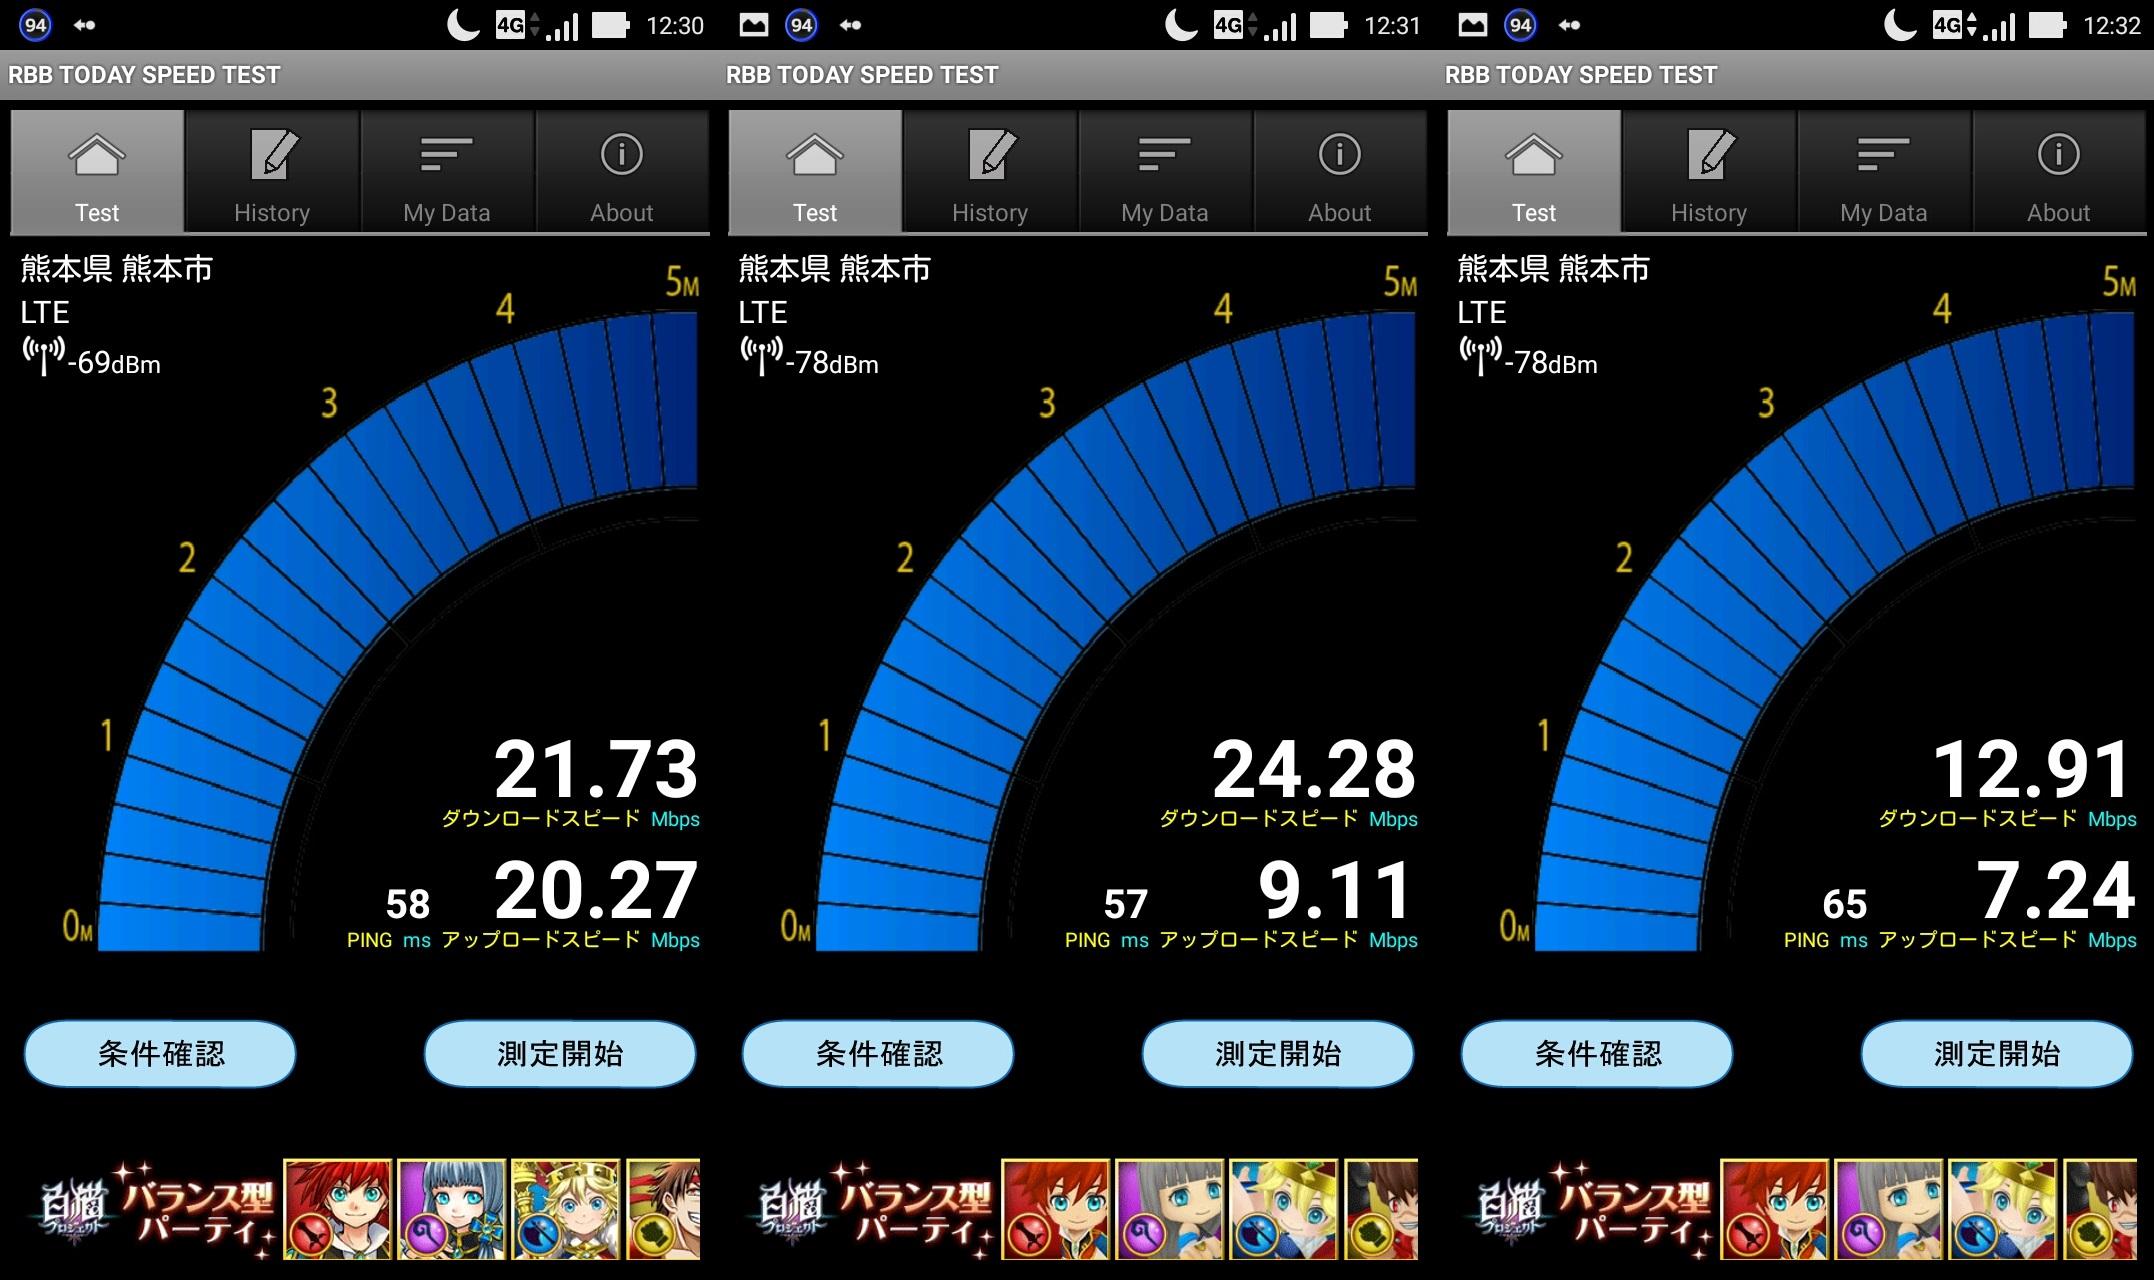 mineo-speedtest-kumamoto